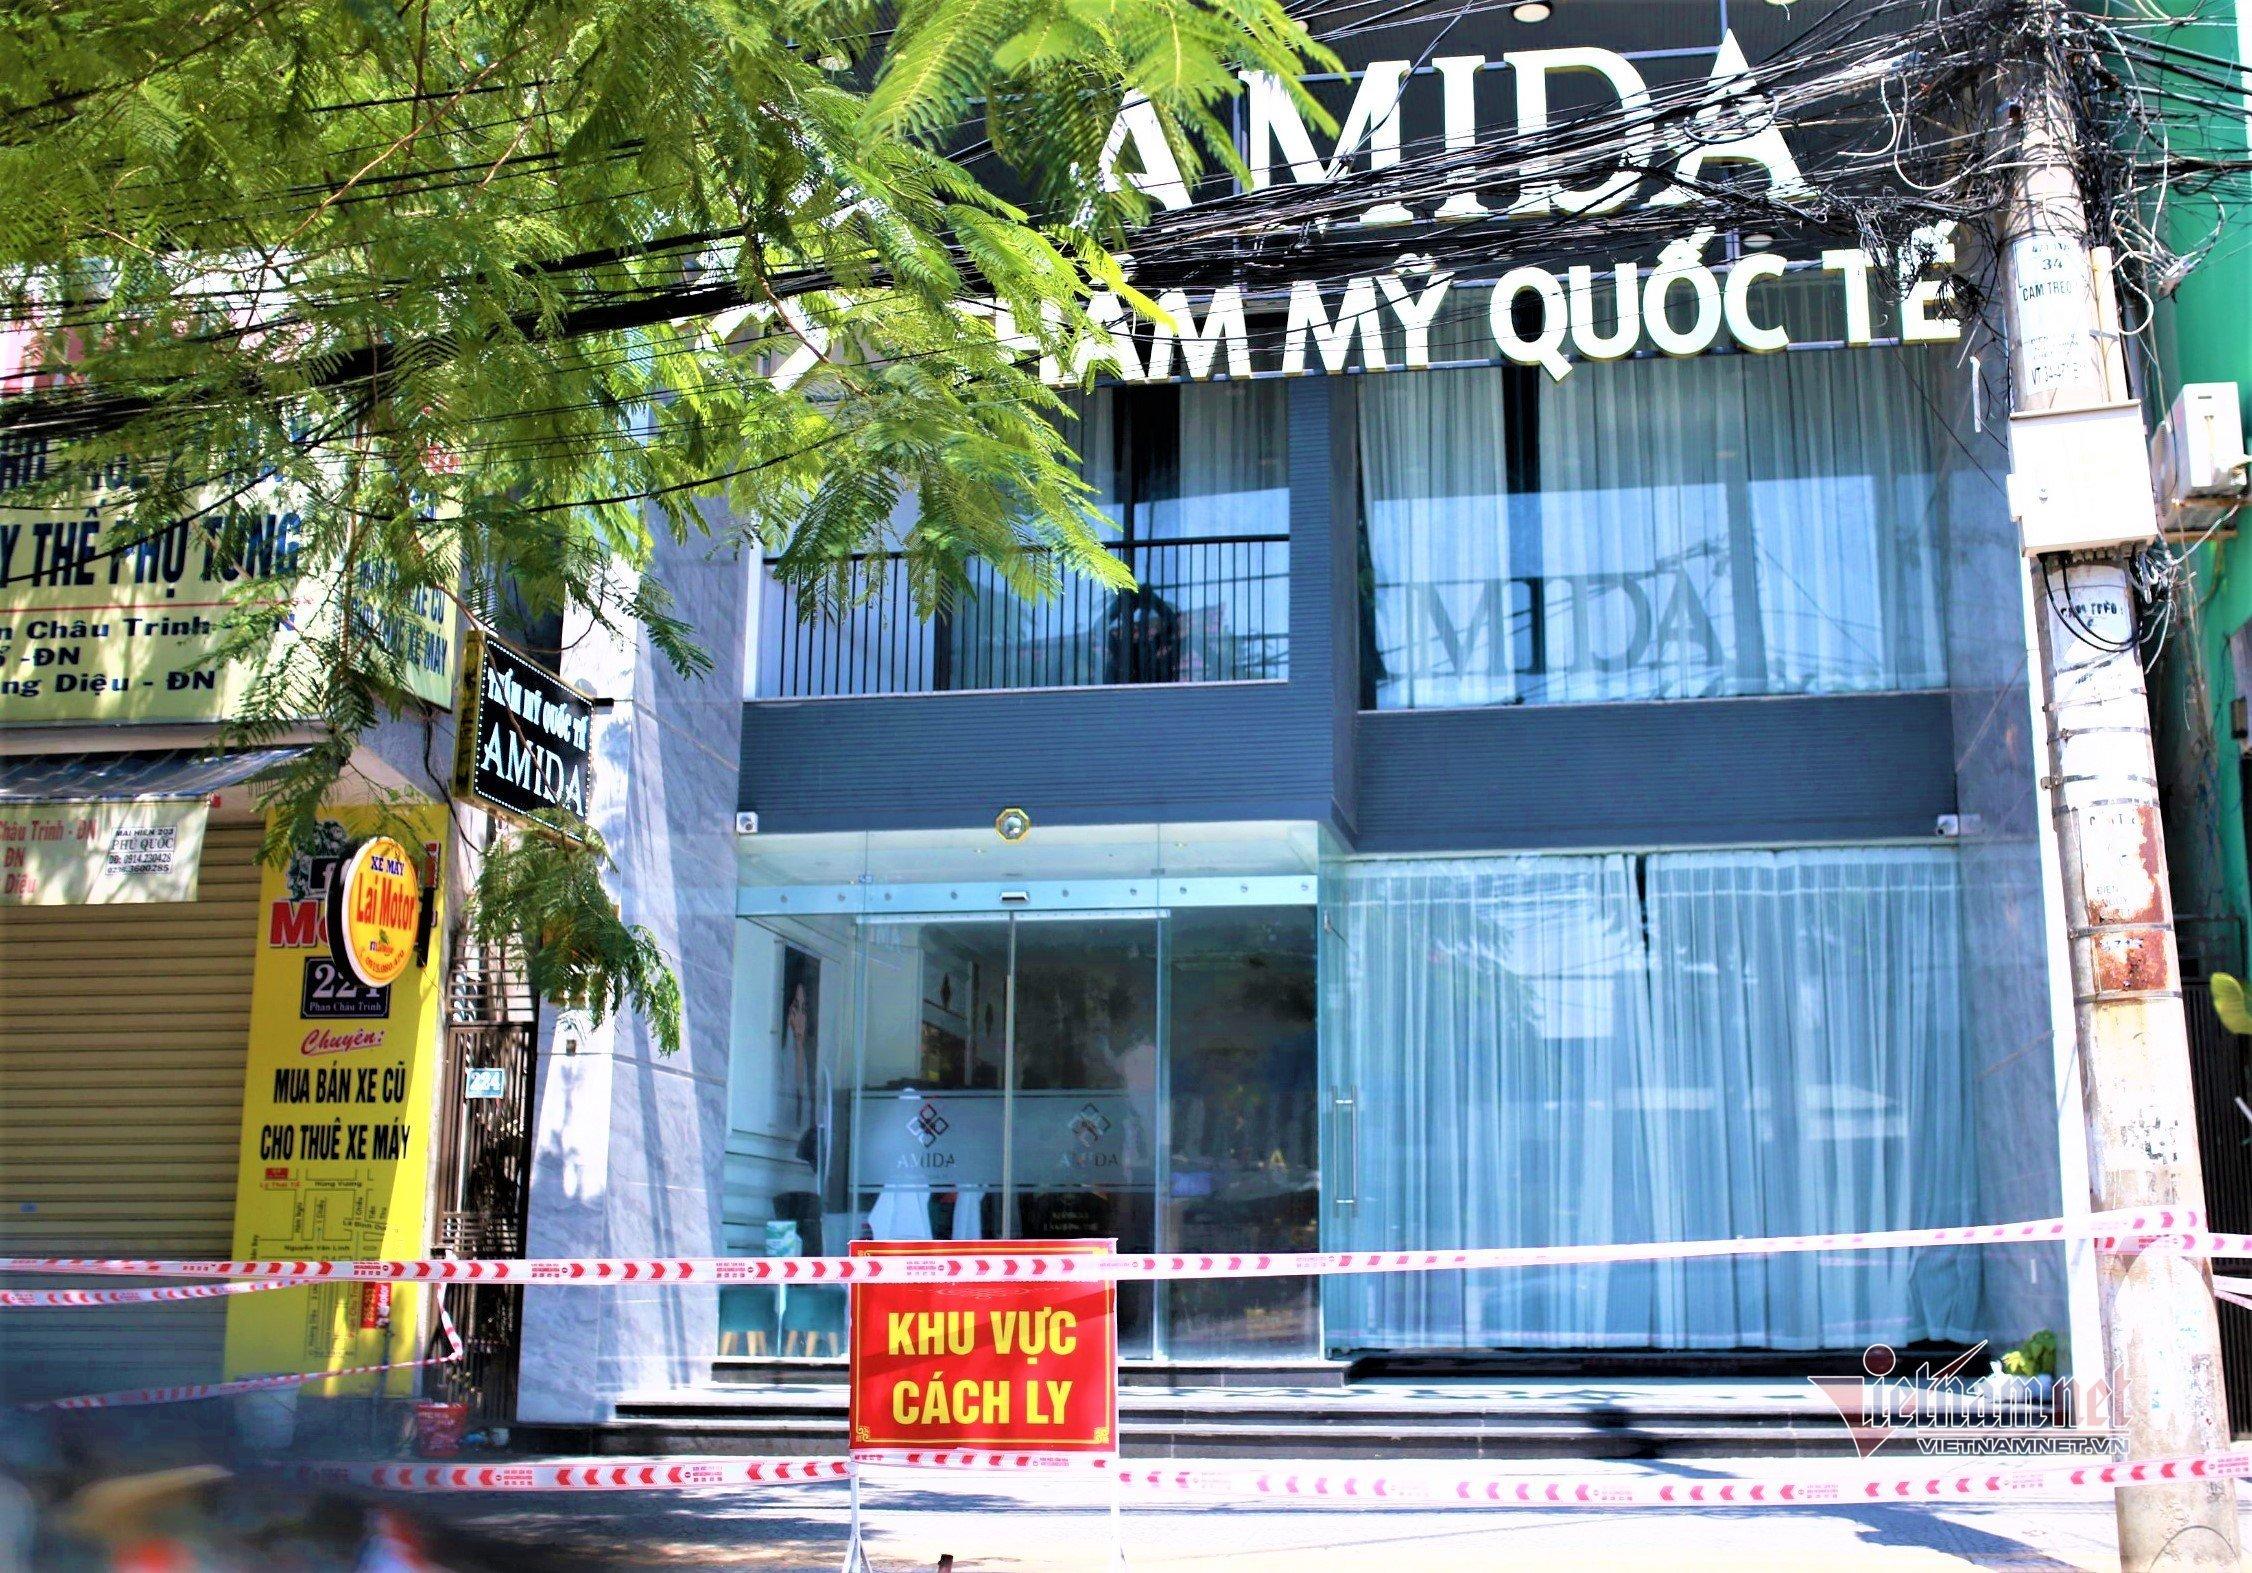 Khởi tố vụ án thẩm mỹ viện quốc tế ở Đà Nẵng gây lây lan dịch ra cộng đồng